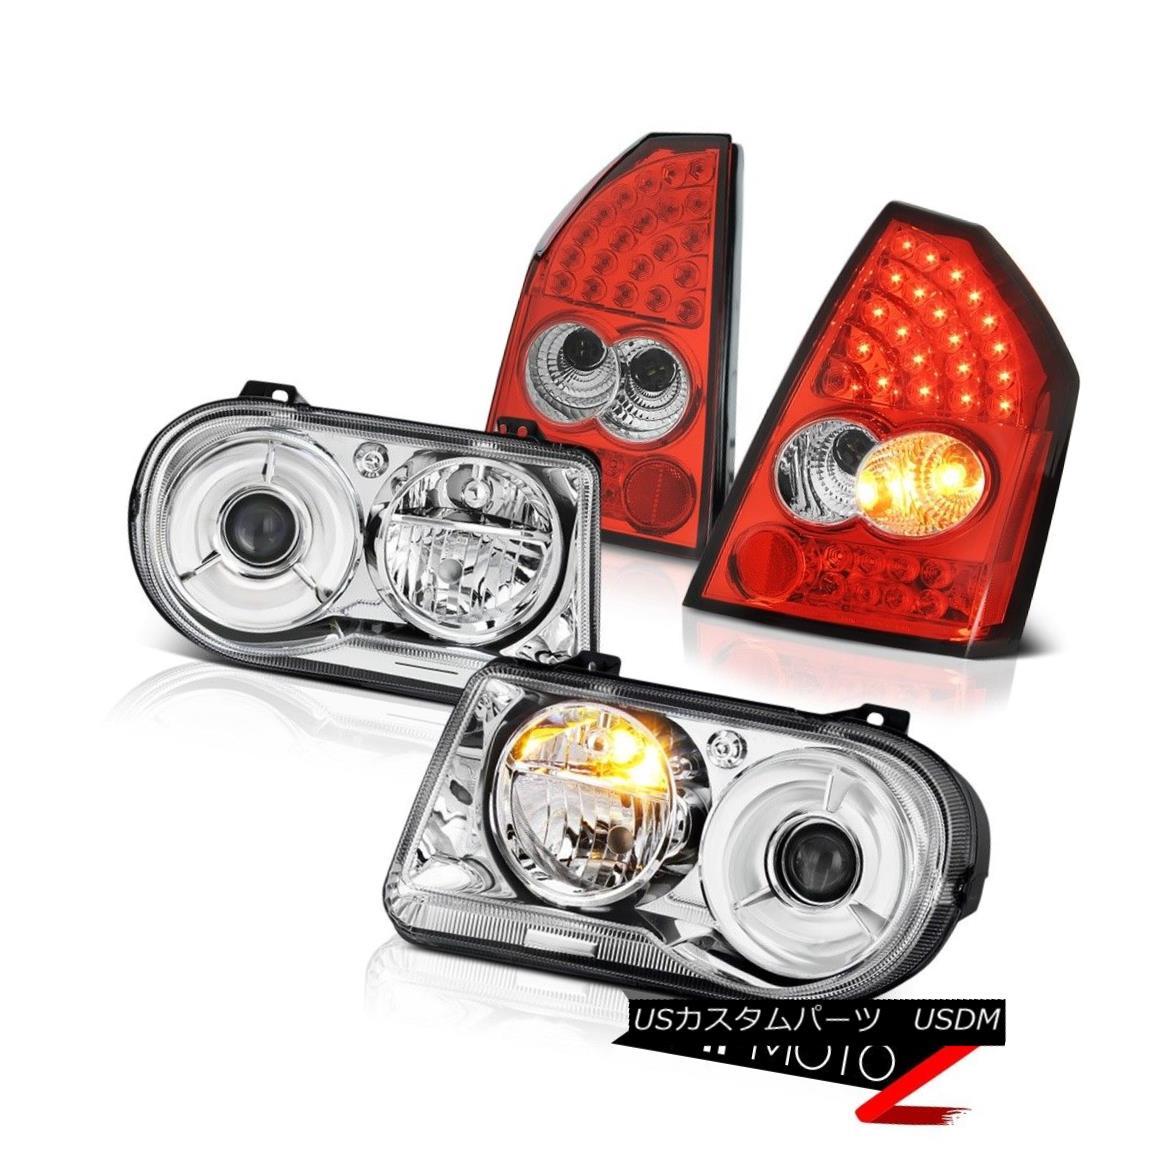 テールライト Euro Headlights Factory Style Rosso Red LED Tail Lights 2005-2007 Chrysler 300C ユーロヘッドライトファクトリースタイルロッソレッドLEDテールライト2005-2007クライスラー300C